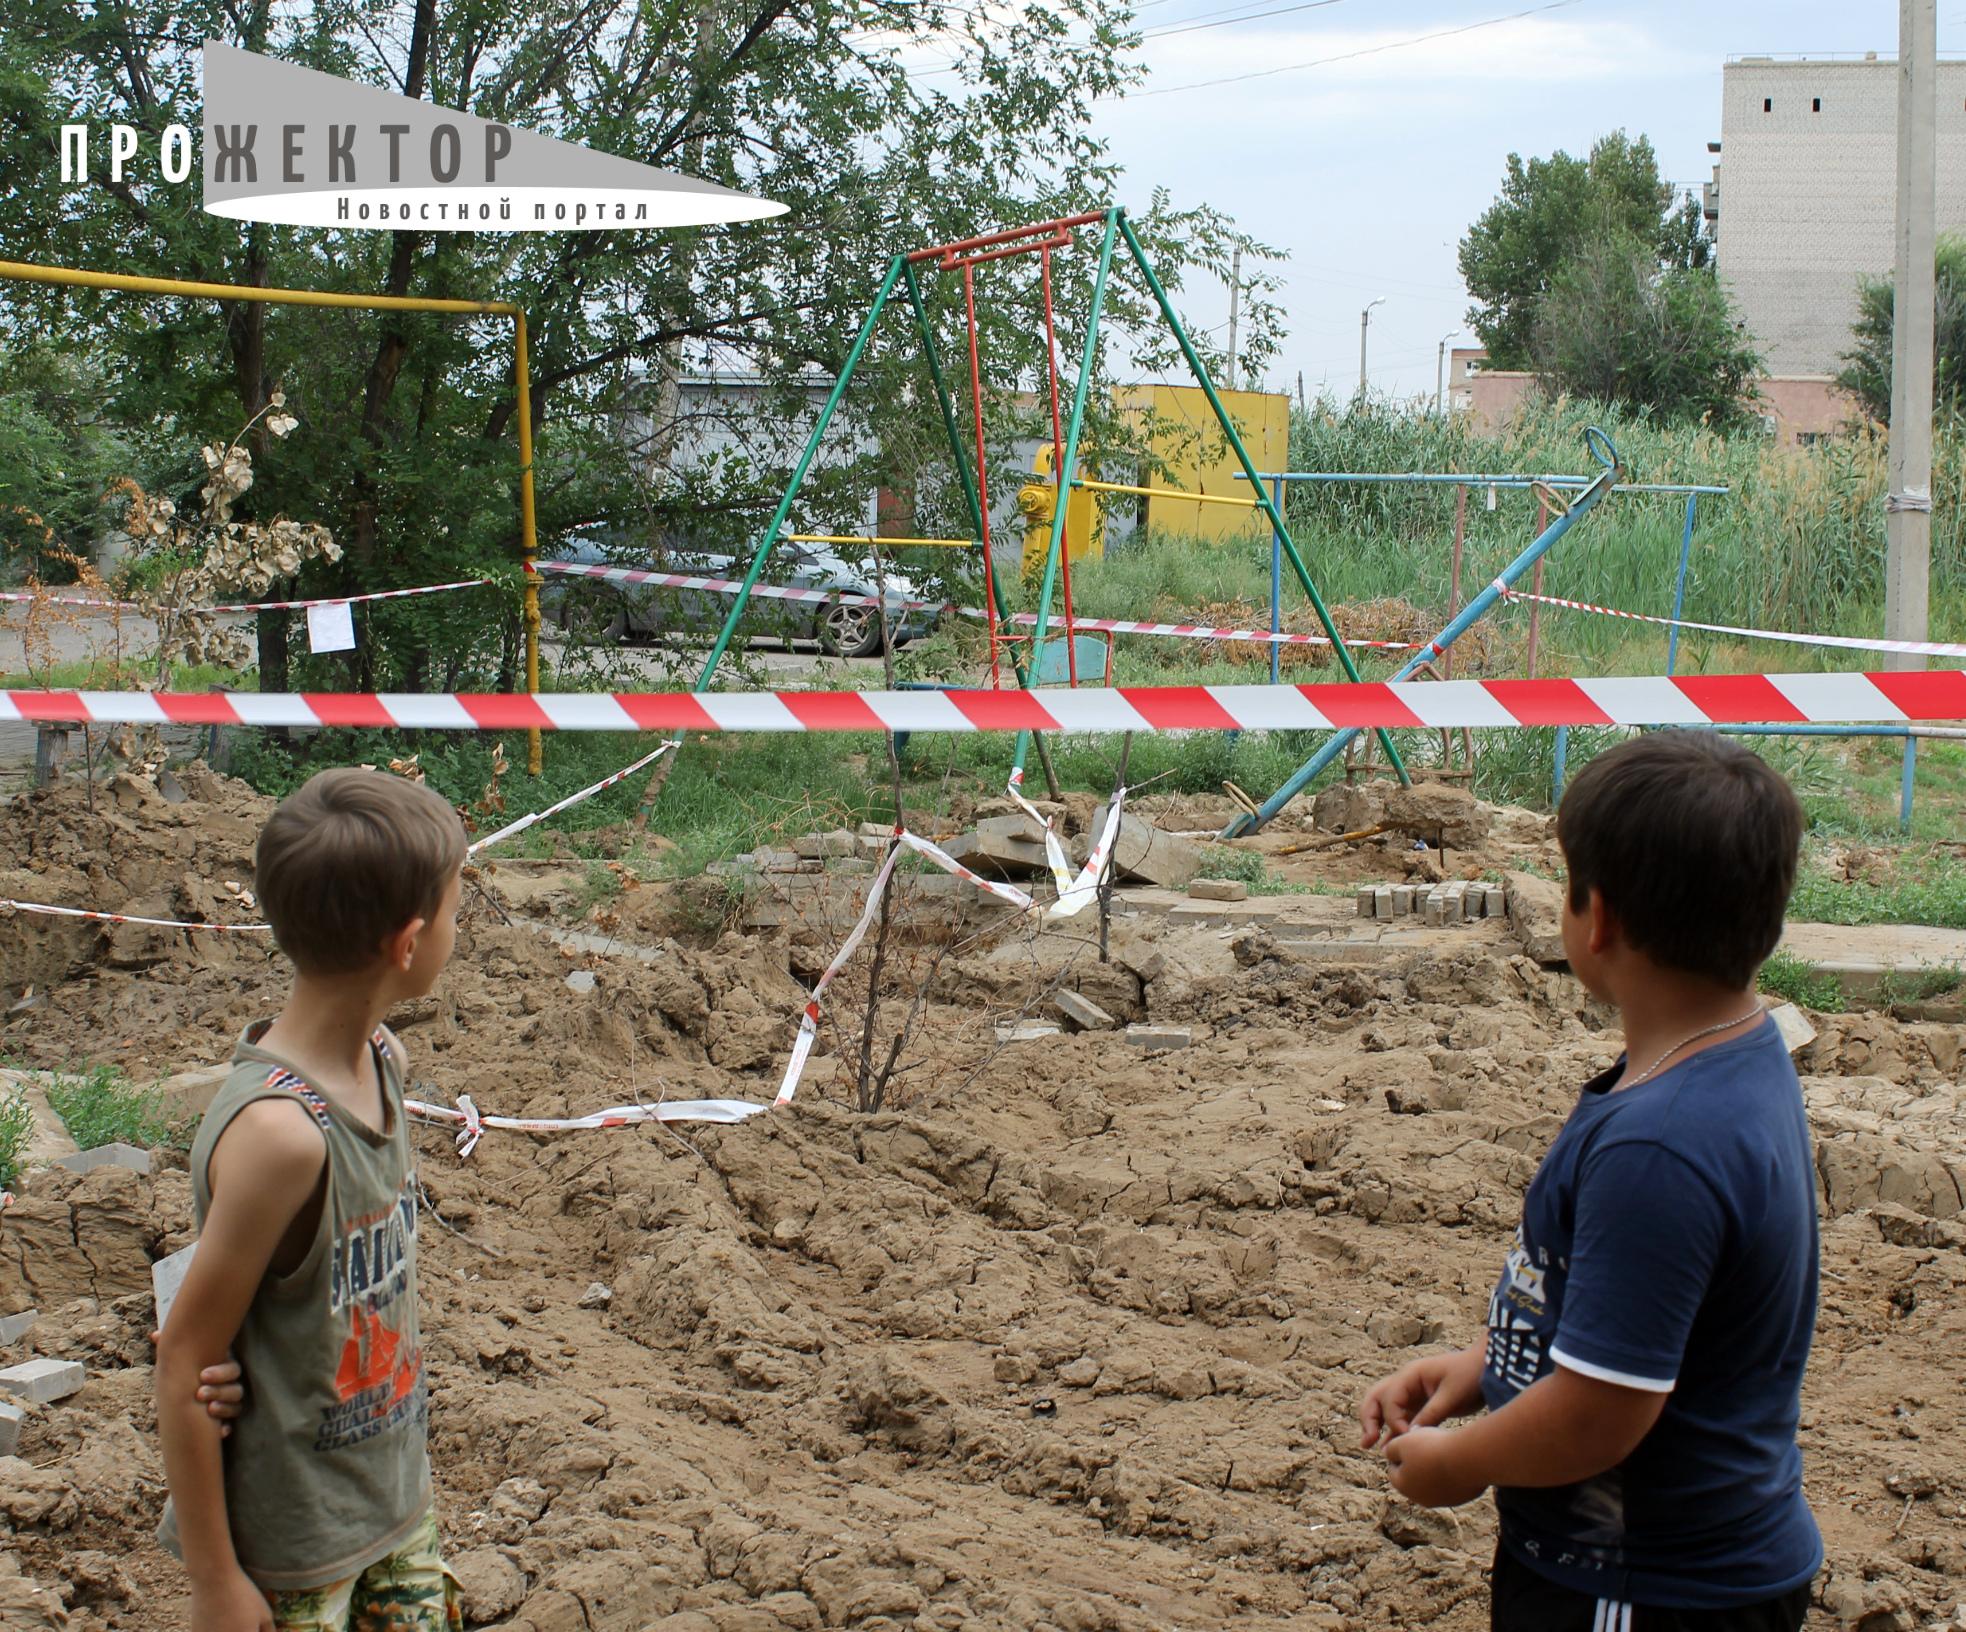 Астраханские коммунальные службы уничтожили детскую площадку и не спешат ее восстанавливать